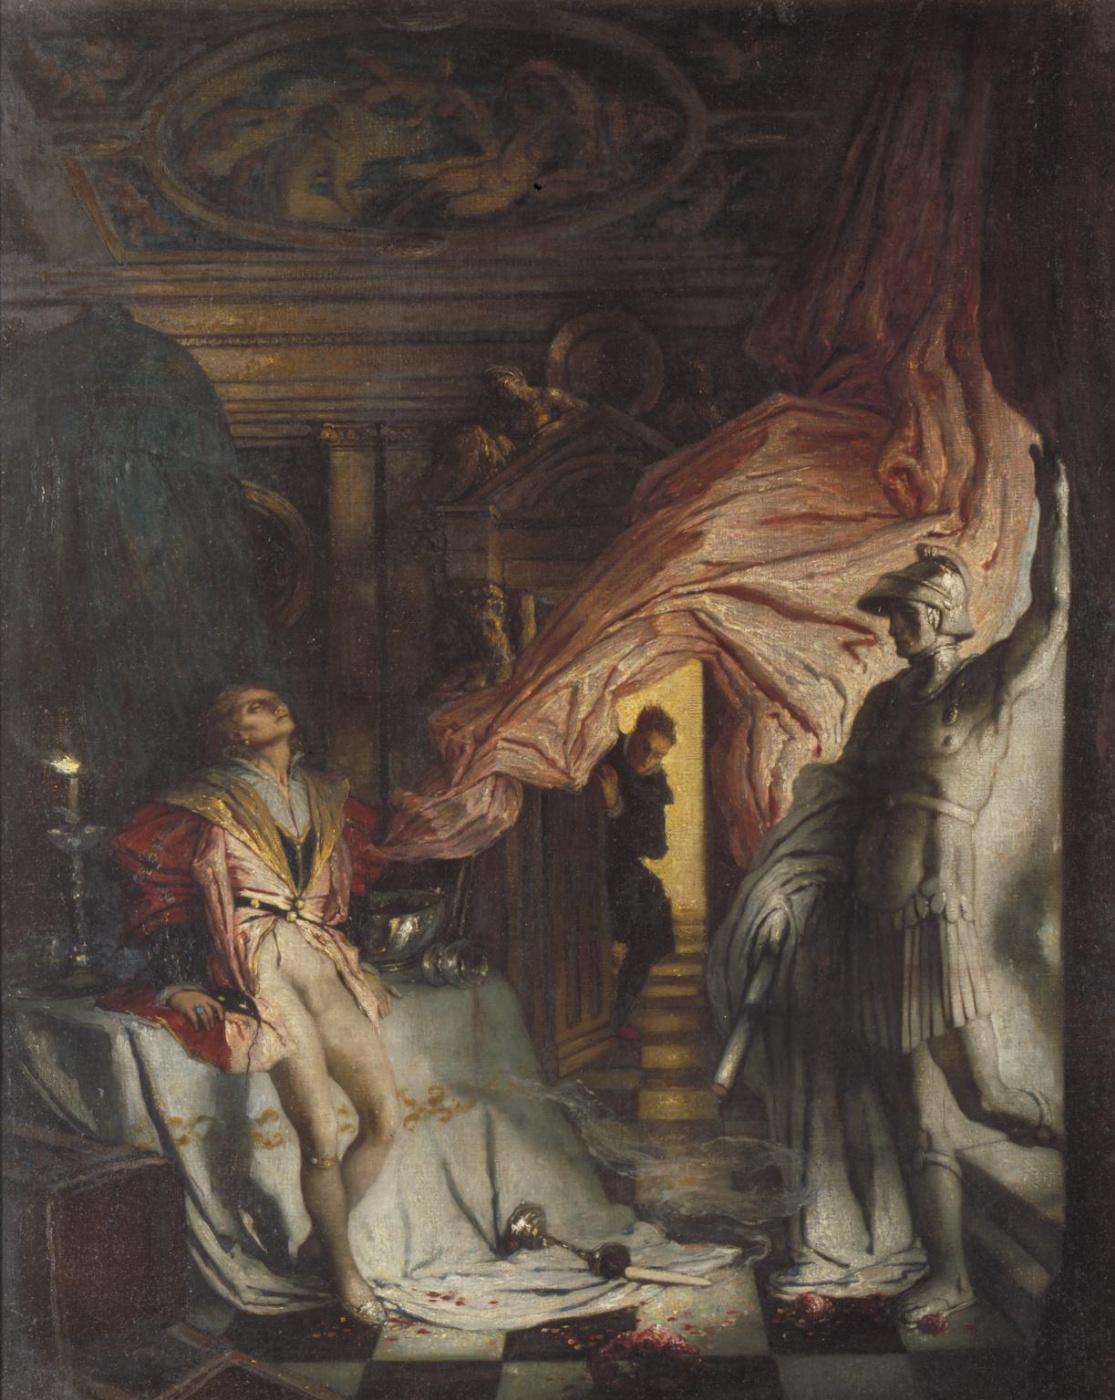 Charles Ricketts. Don Juan